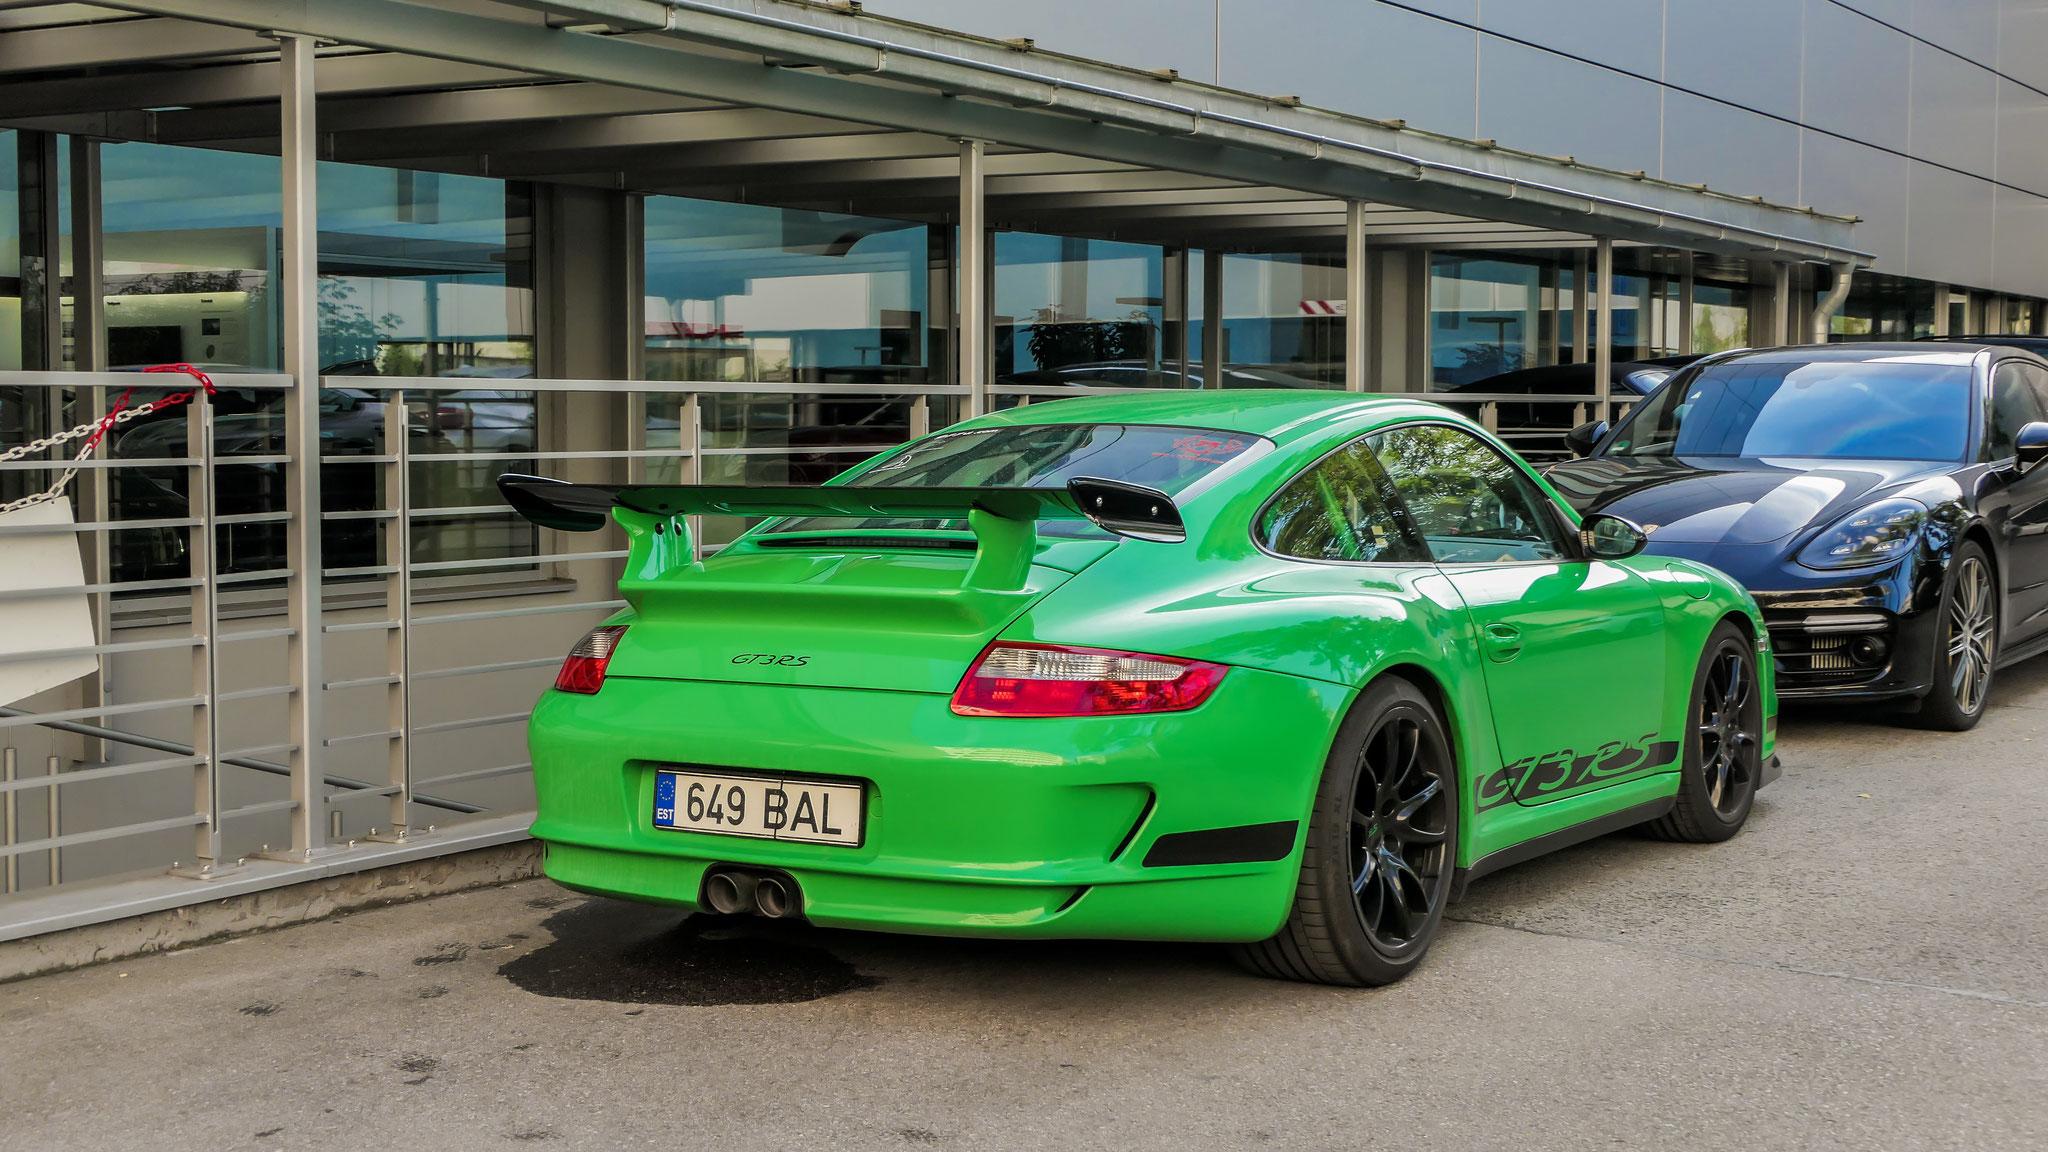 Porsche 911 GT3 RS - 649-BAL (EST)